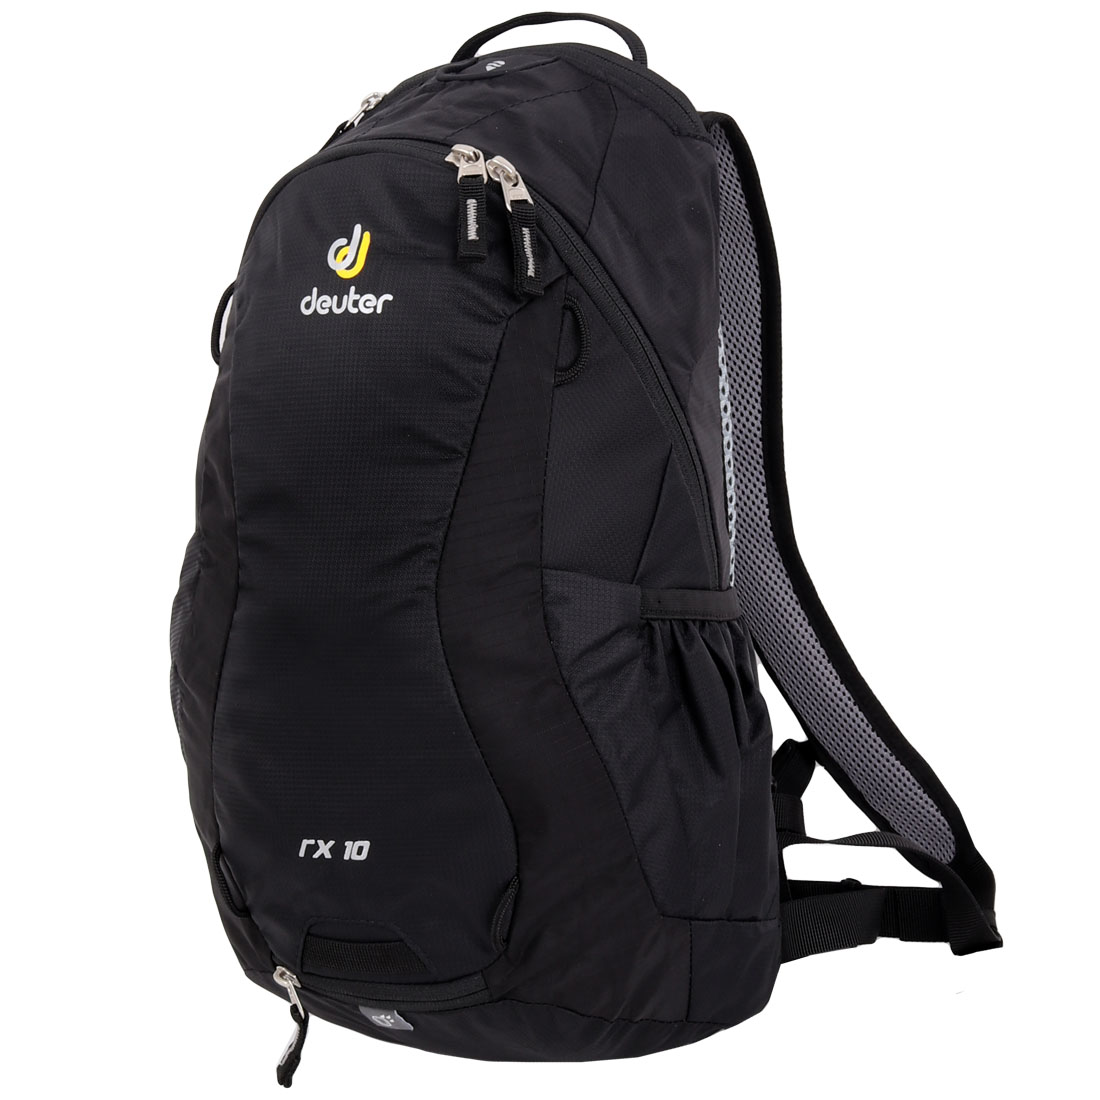 Produktbild von Deuter RX 10 Rucksack - Black